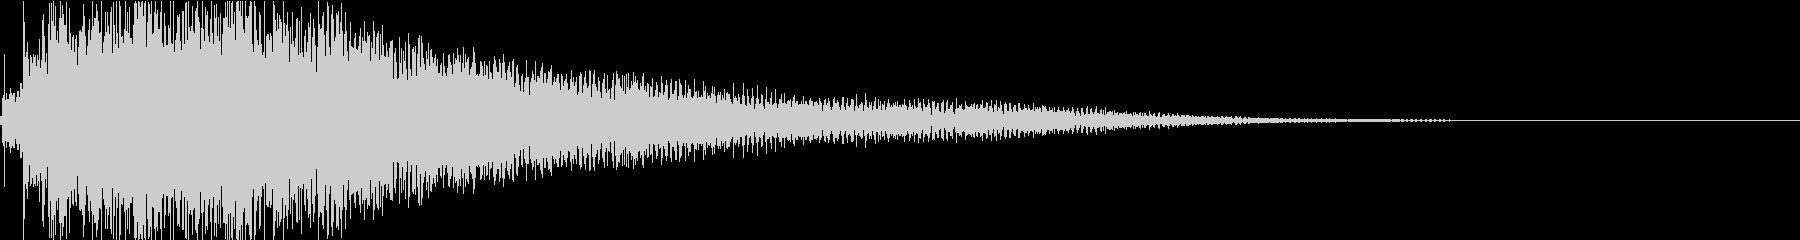 ジャラーン:アコースティックギターdの未再生の波形